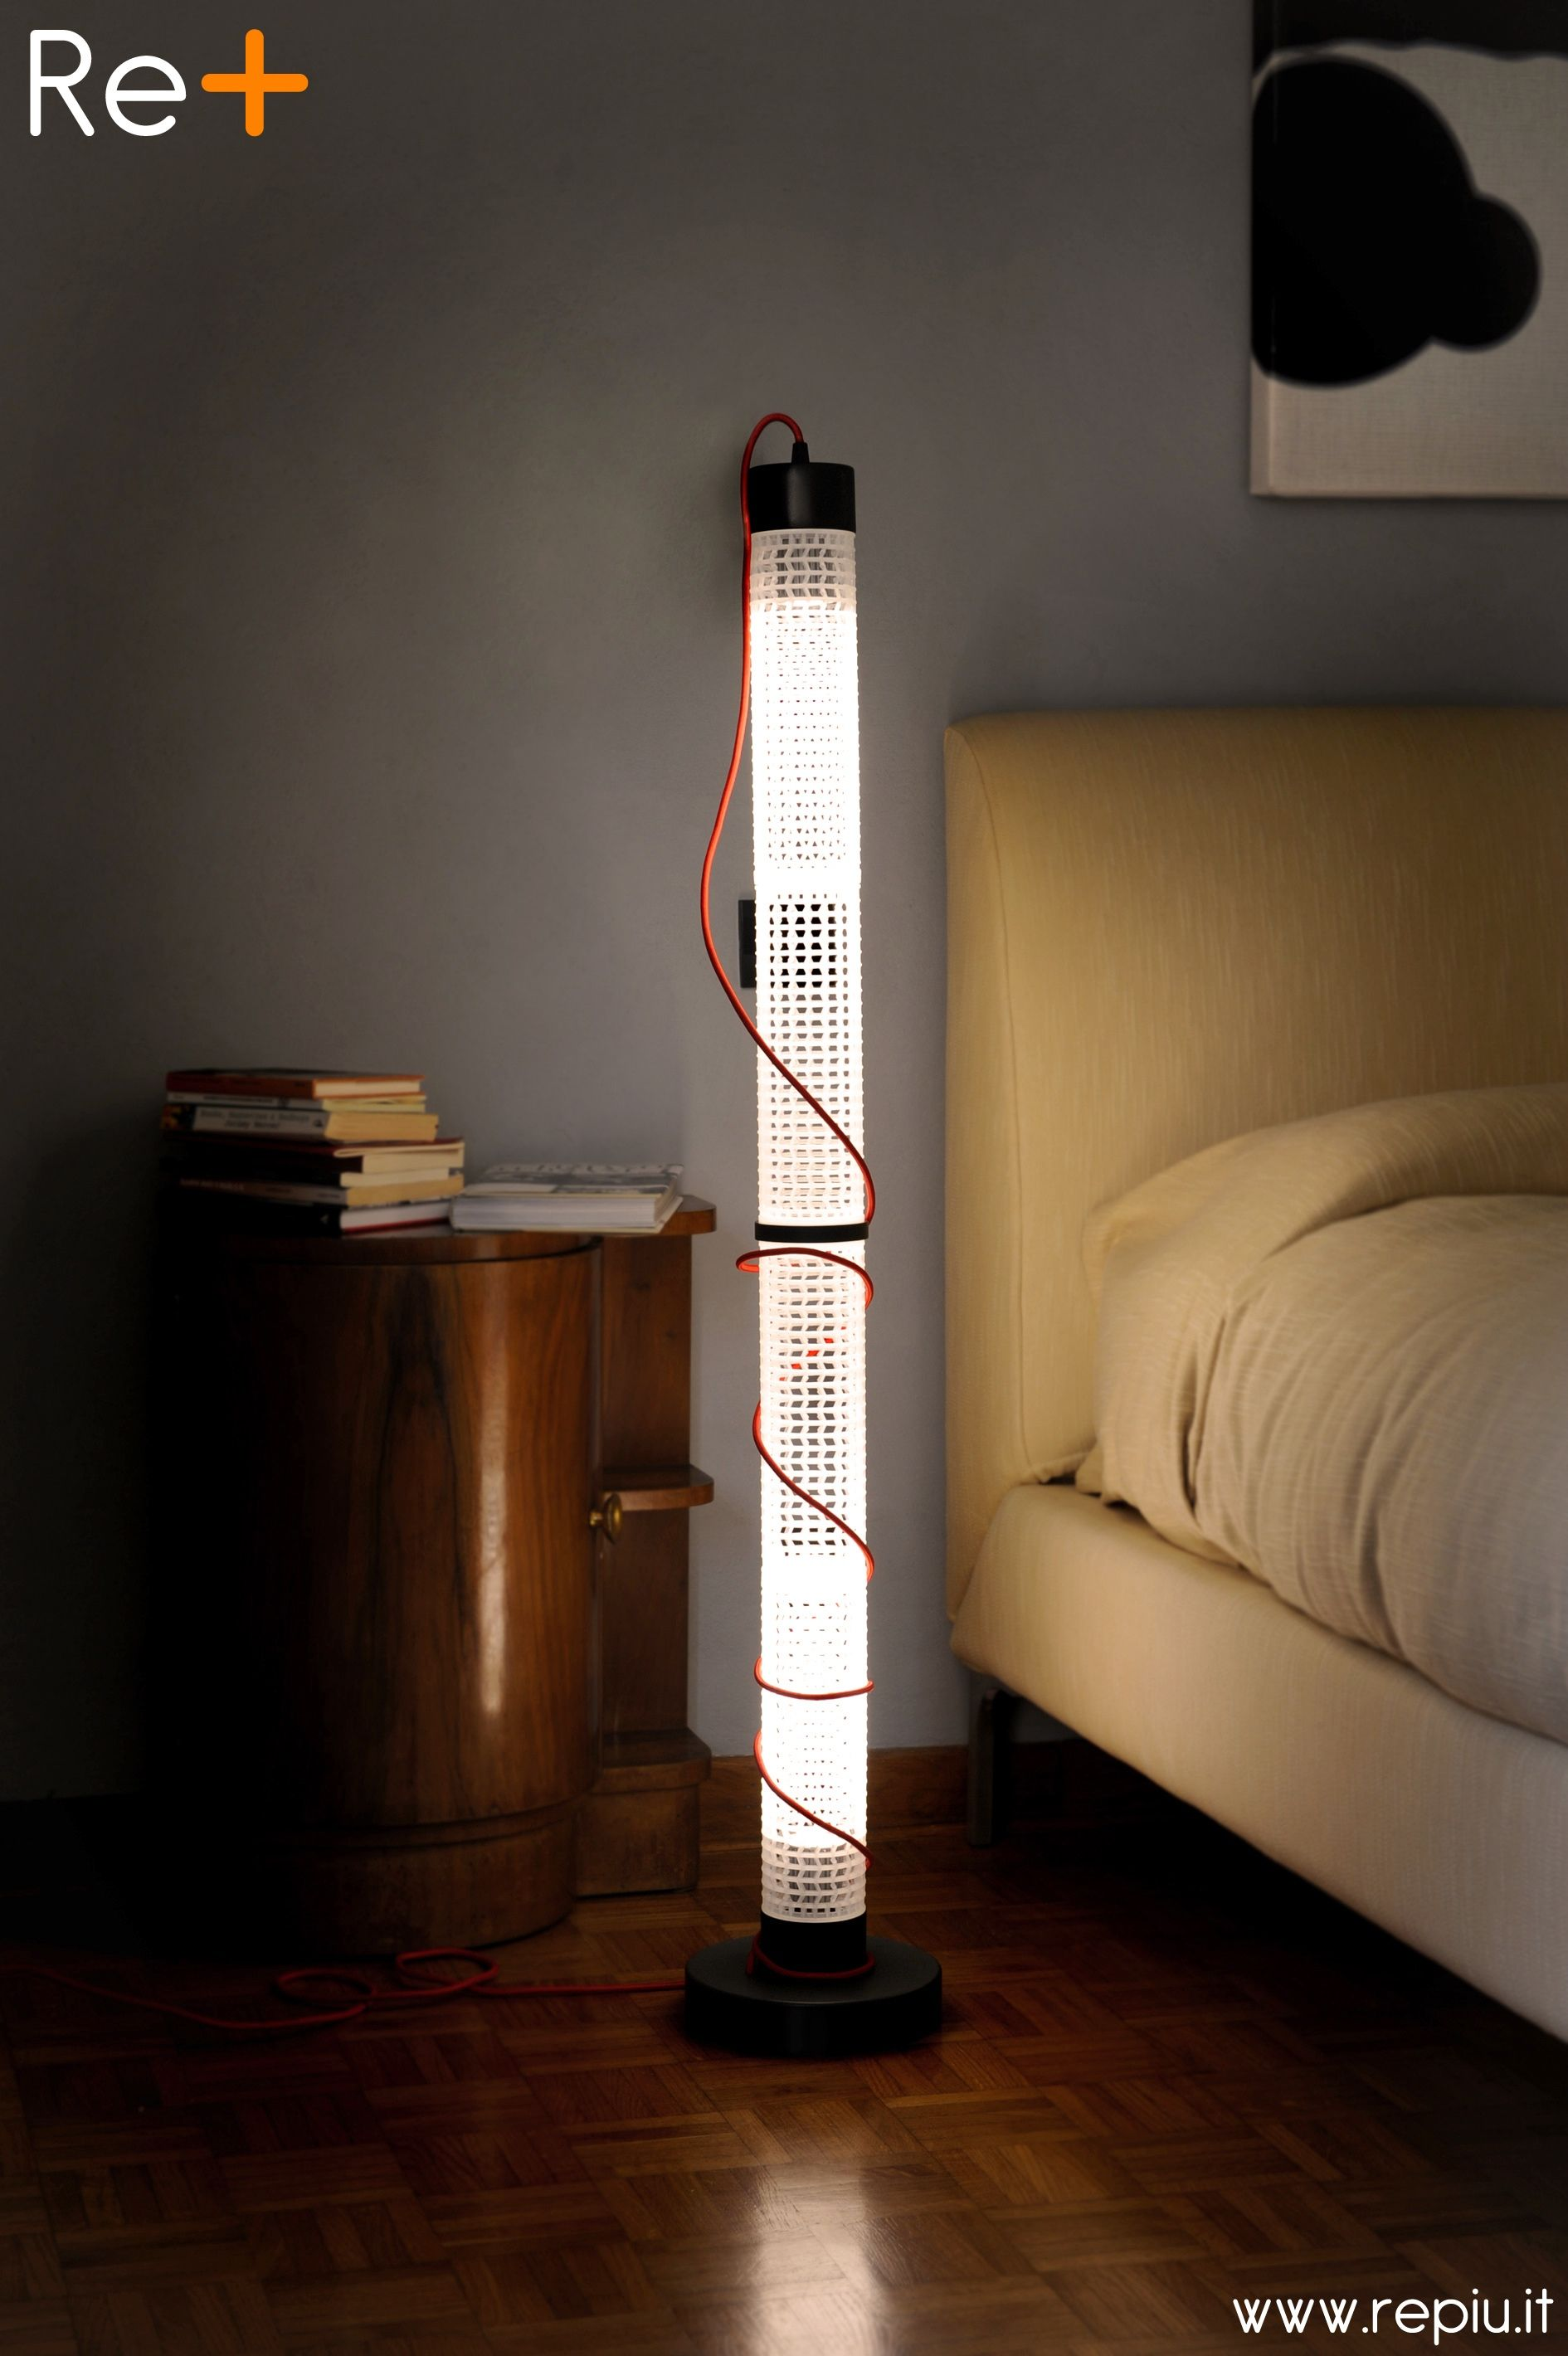 #Dinamicità e #personalizzazione sono le parole chiave della #lampada #componibile #ReTUBE Floor. Crea il tuo spazio! www.repiu.it  ~  #Dynamism and #personalization are the keywords of the #modular #lamp ReTUBE Floor. Create your space! www.repiu.it #repiu #light